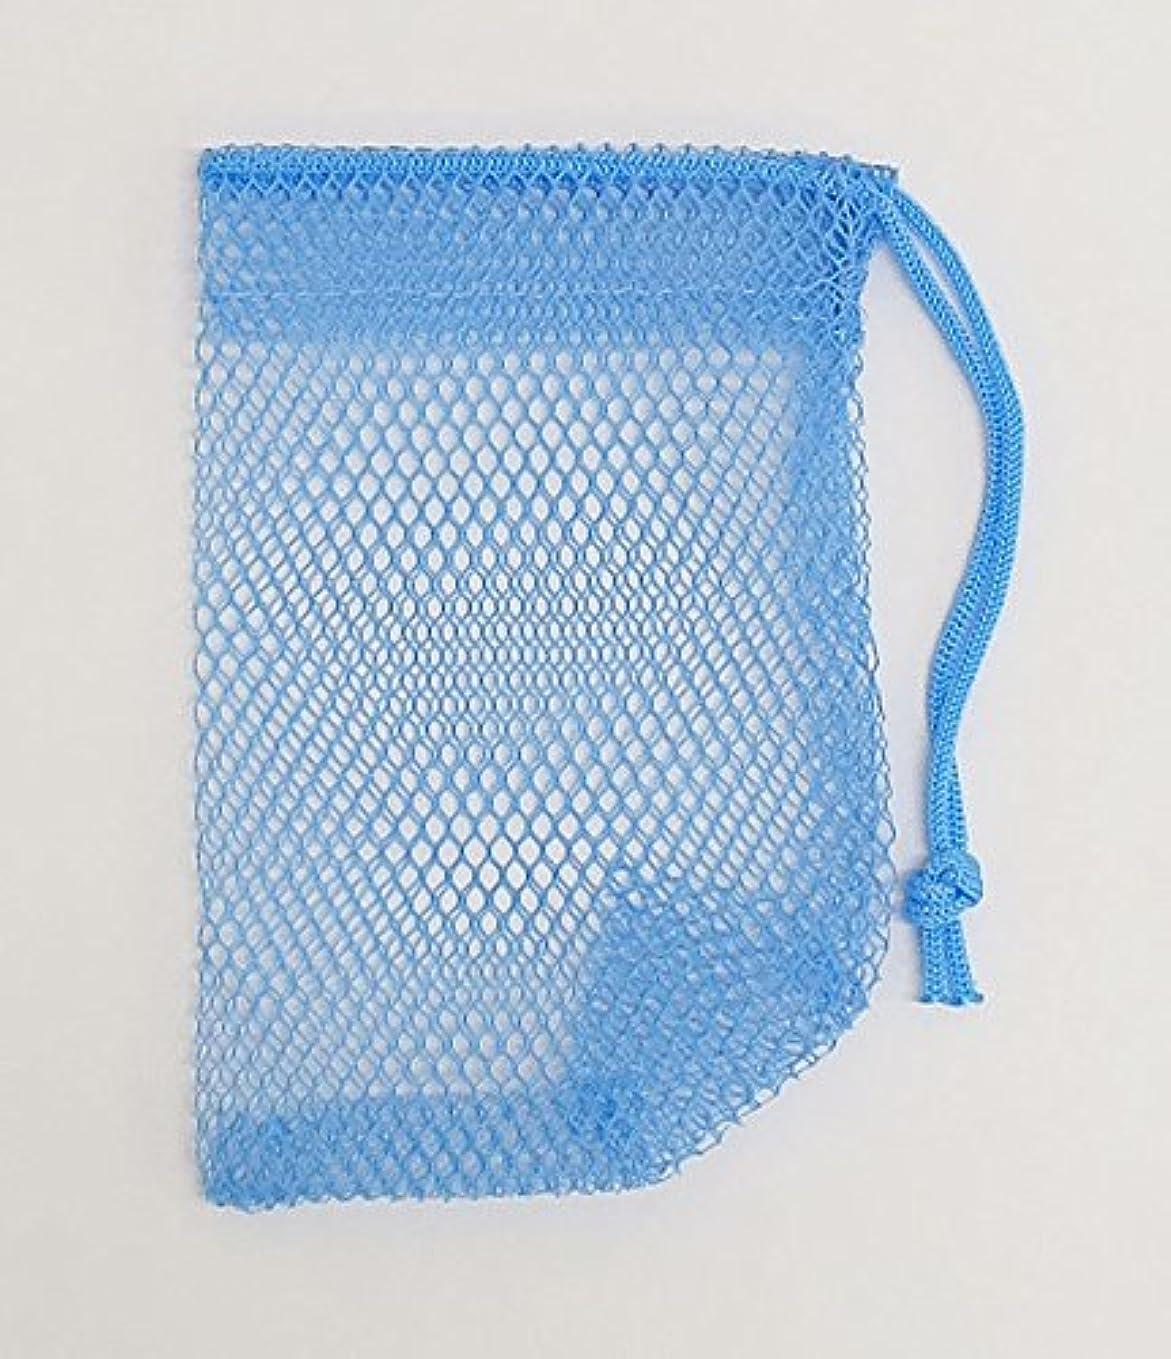 フェザー一握り終了する石けんネット ひもタイプ 20枚組 ブルー